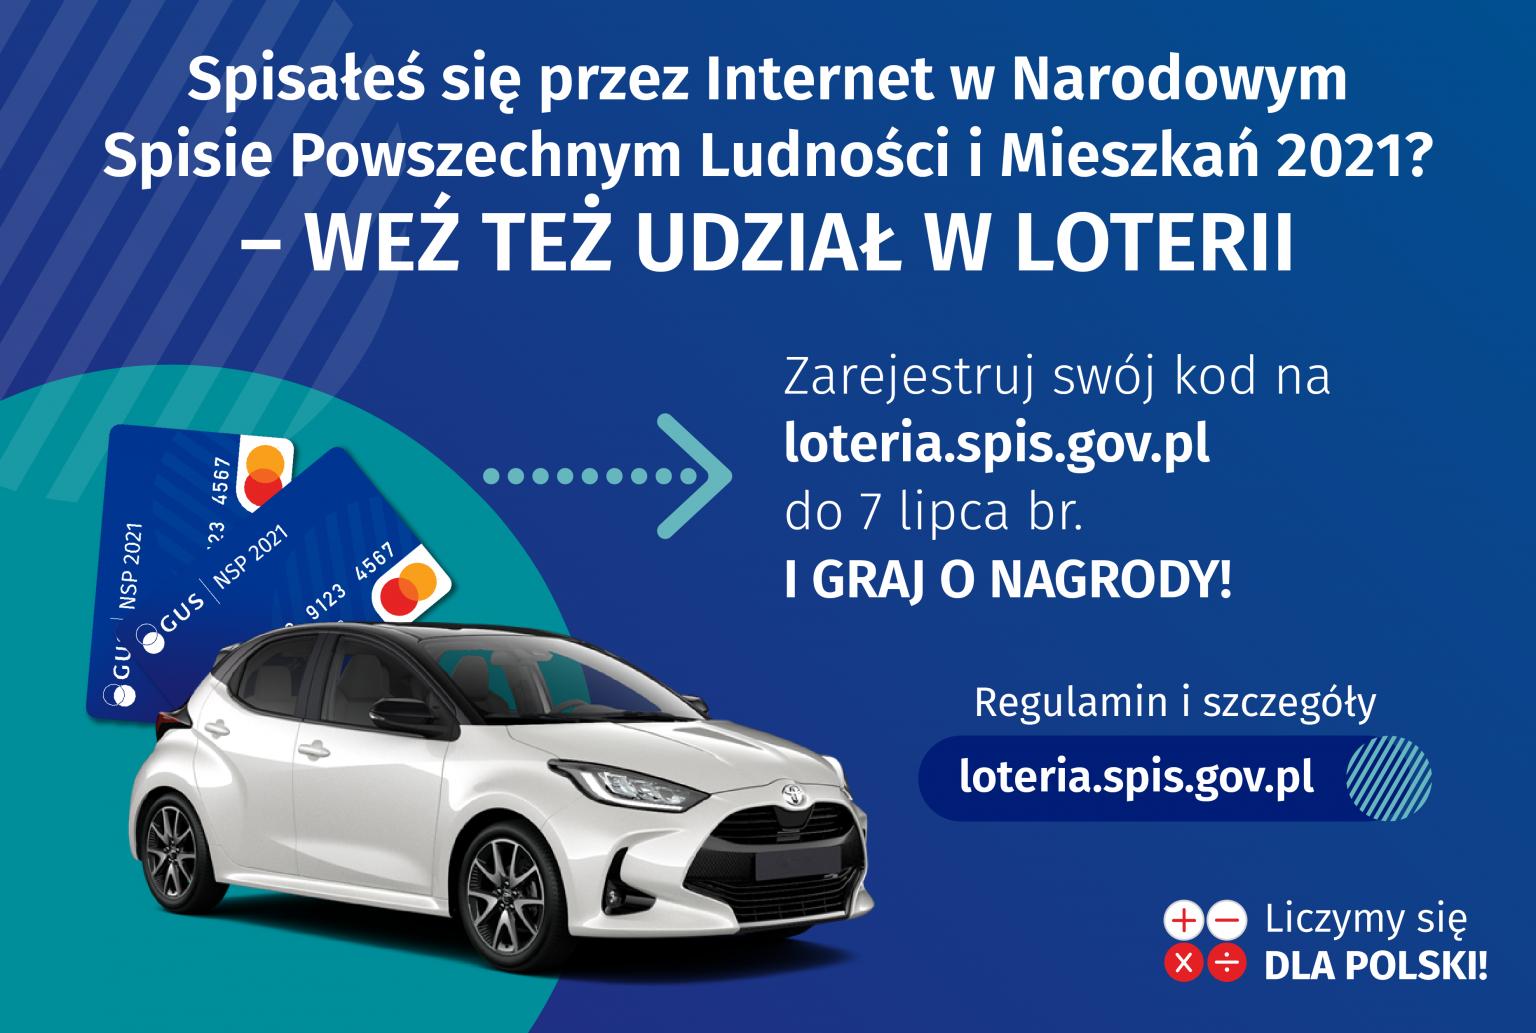 Loteria NSP